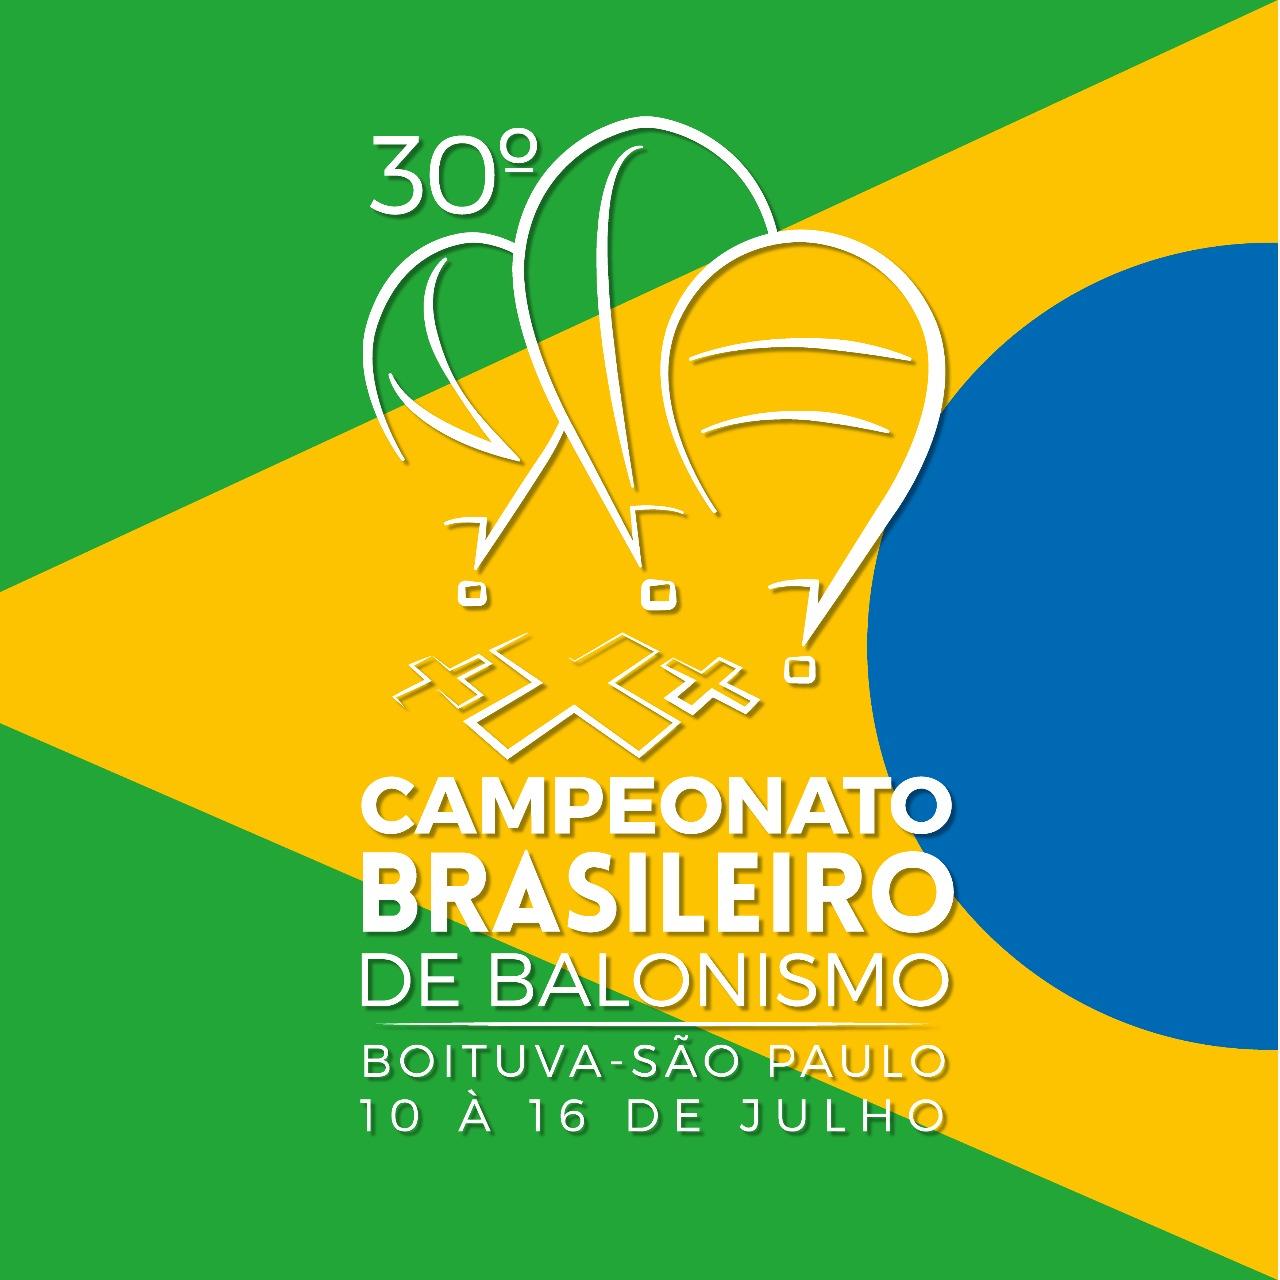 Programação do Campeonato Brasileiro de Balonismo 2017